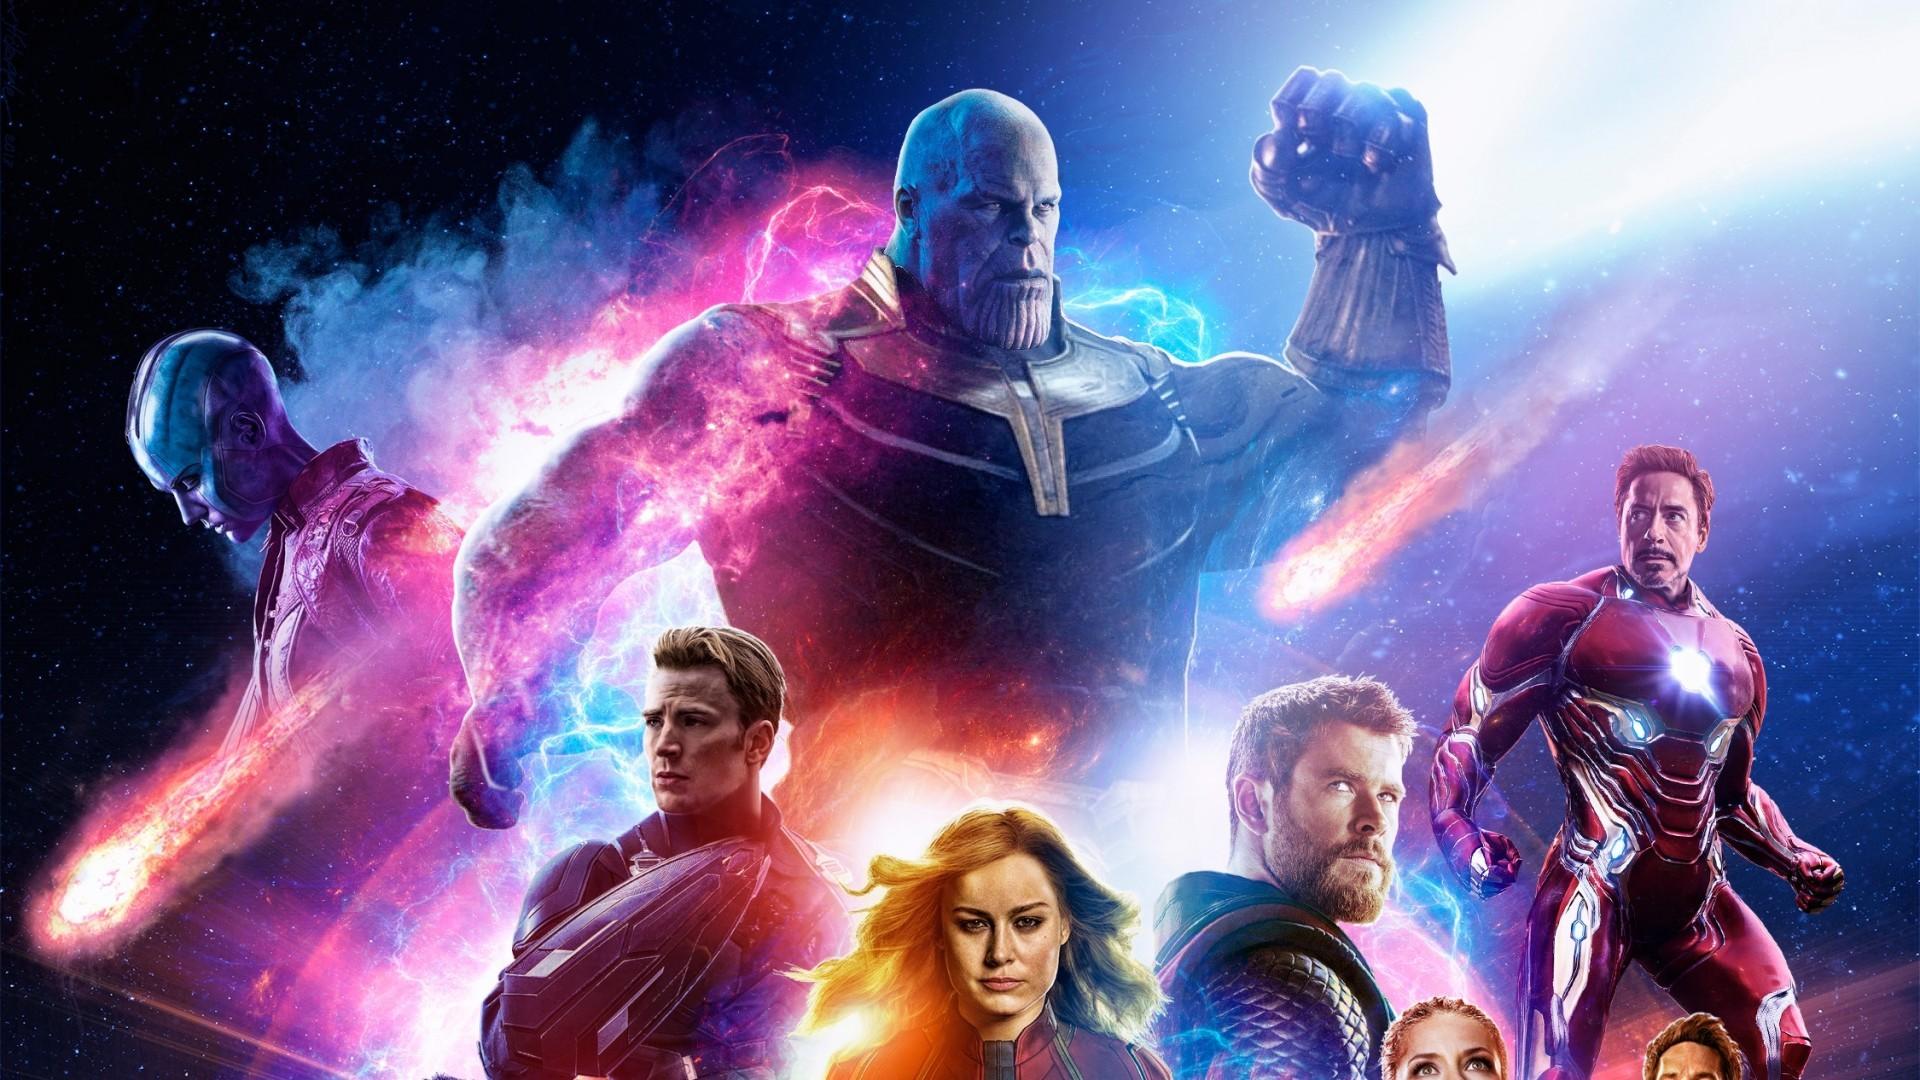 Download Best Avengers Endgame Wallpapers All Hd 4k Avengers 4